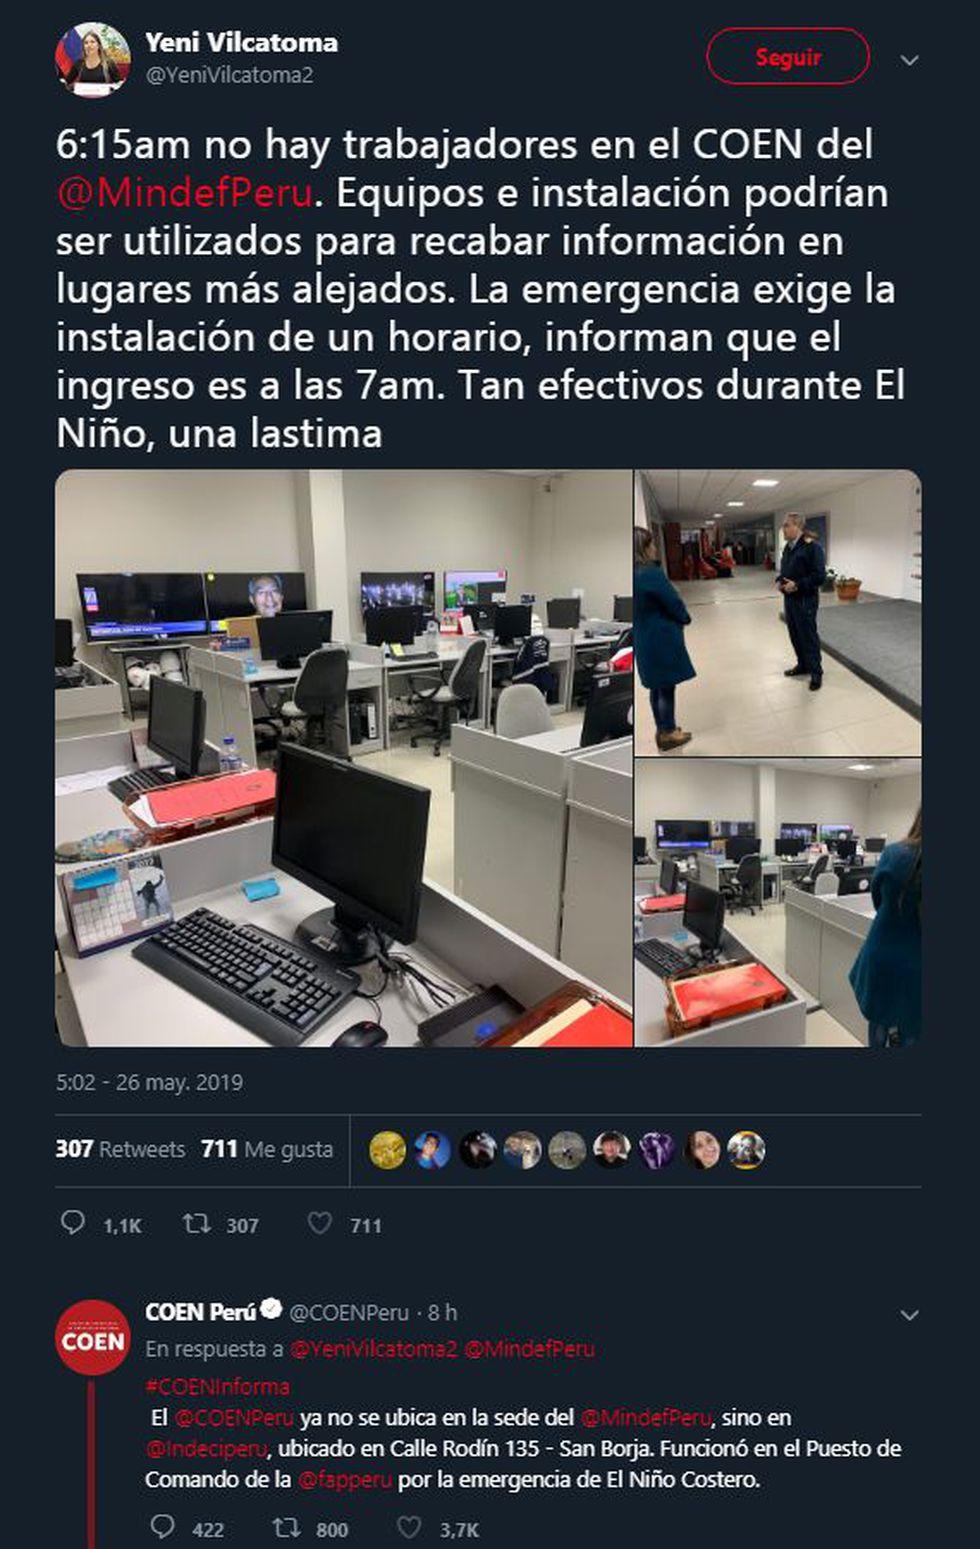 Terremoto en Loreto: Yeni Vilcatoma trató de descalificar al COEN pero fue corregida rápidamente. (Twitter)